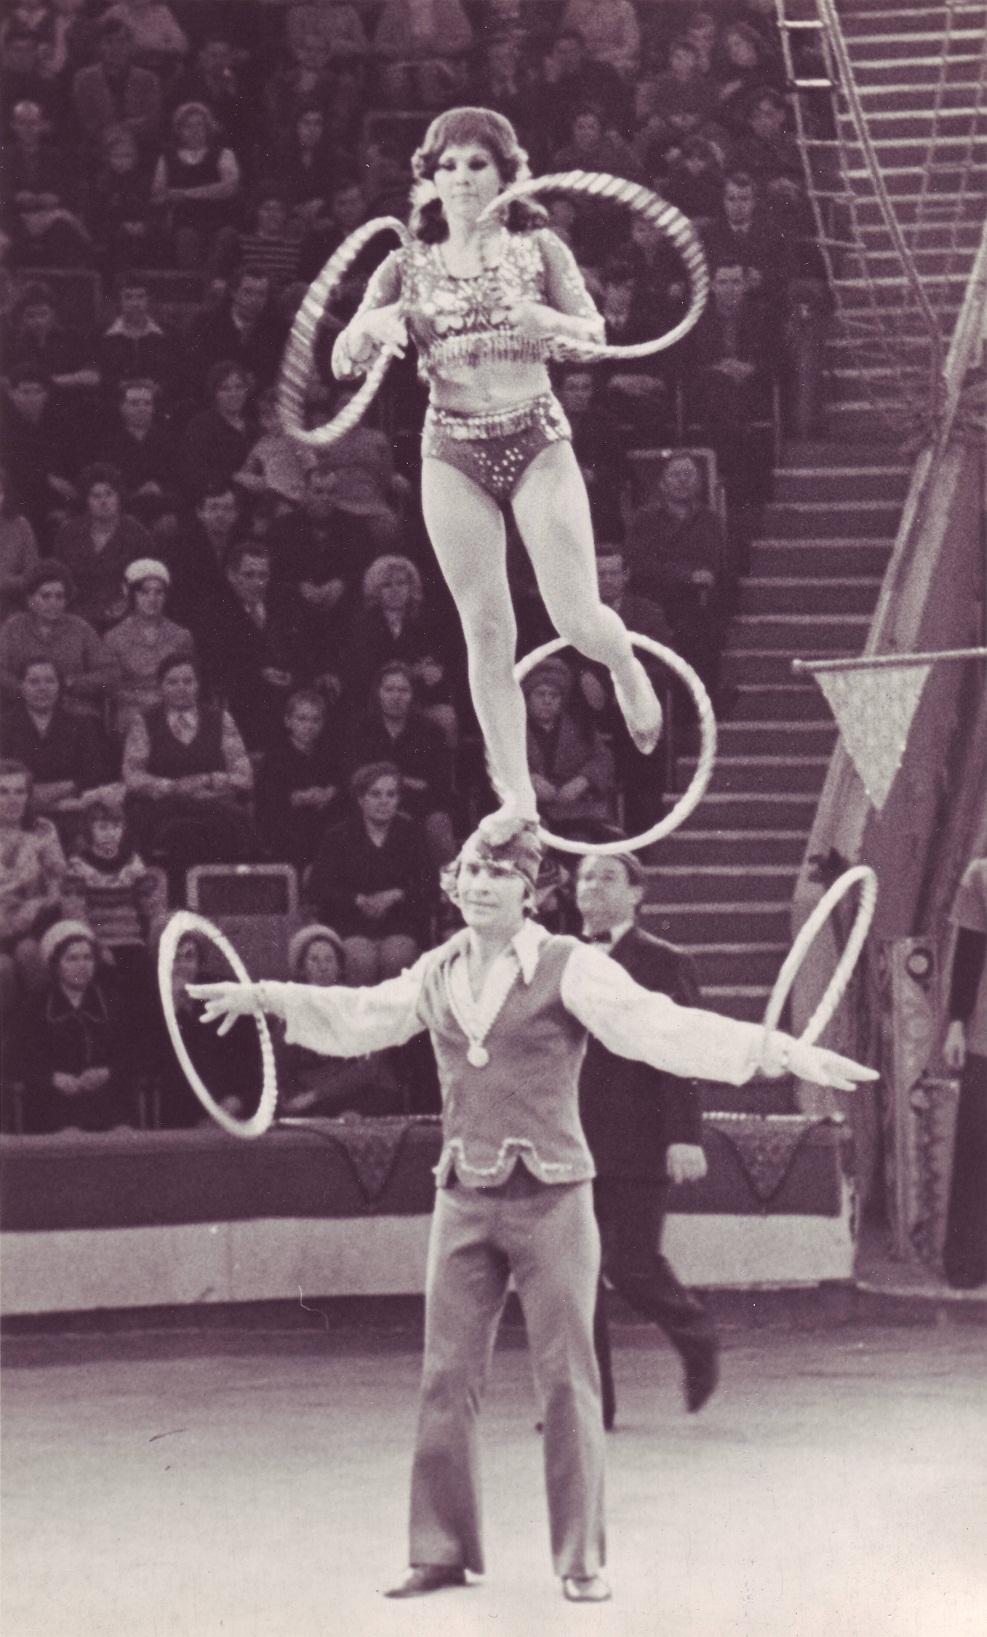 Зрители с восторгом наблюдали за бесстрашной работой на высоте гимнастки на полотнах дарьи костюк